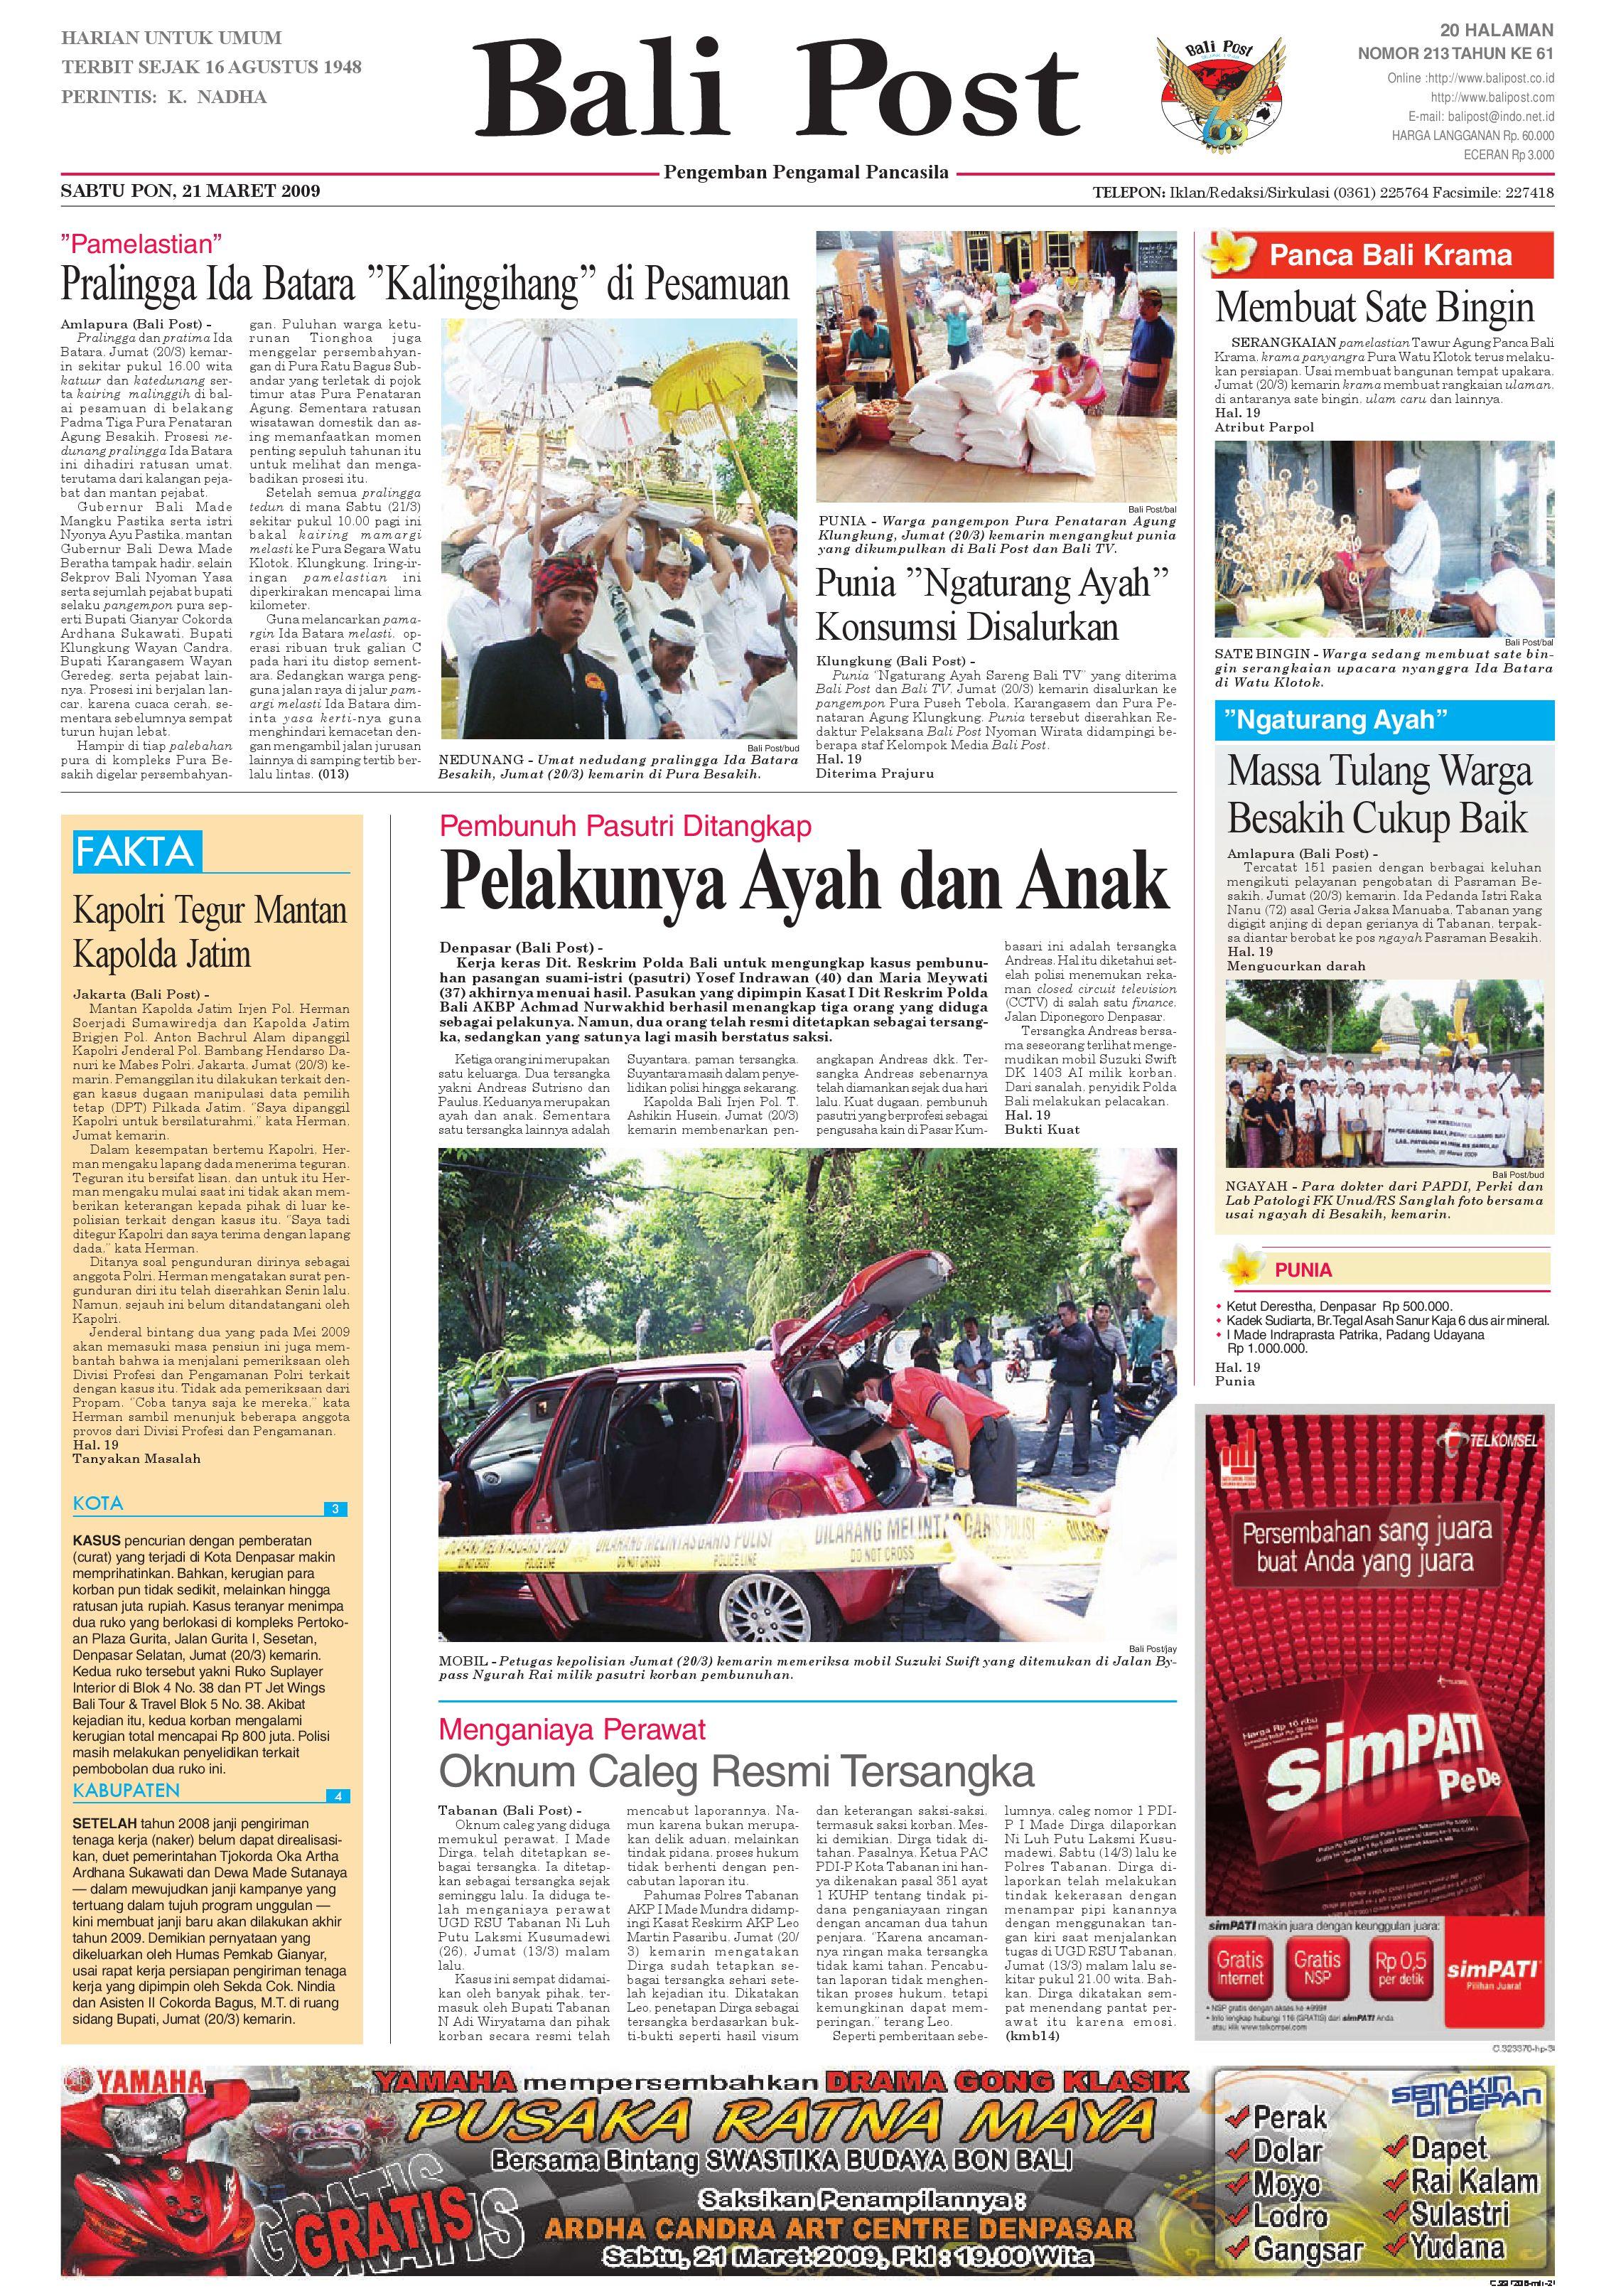 Bali Post Sabtu 21 Maret 2009 By E Paper Kmb Issuu Produk Ukm Bumn Tas Phiton Kembang Orchid